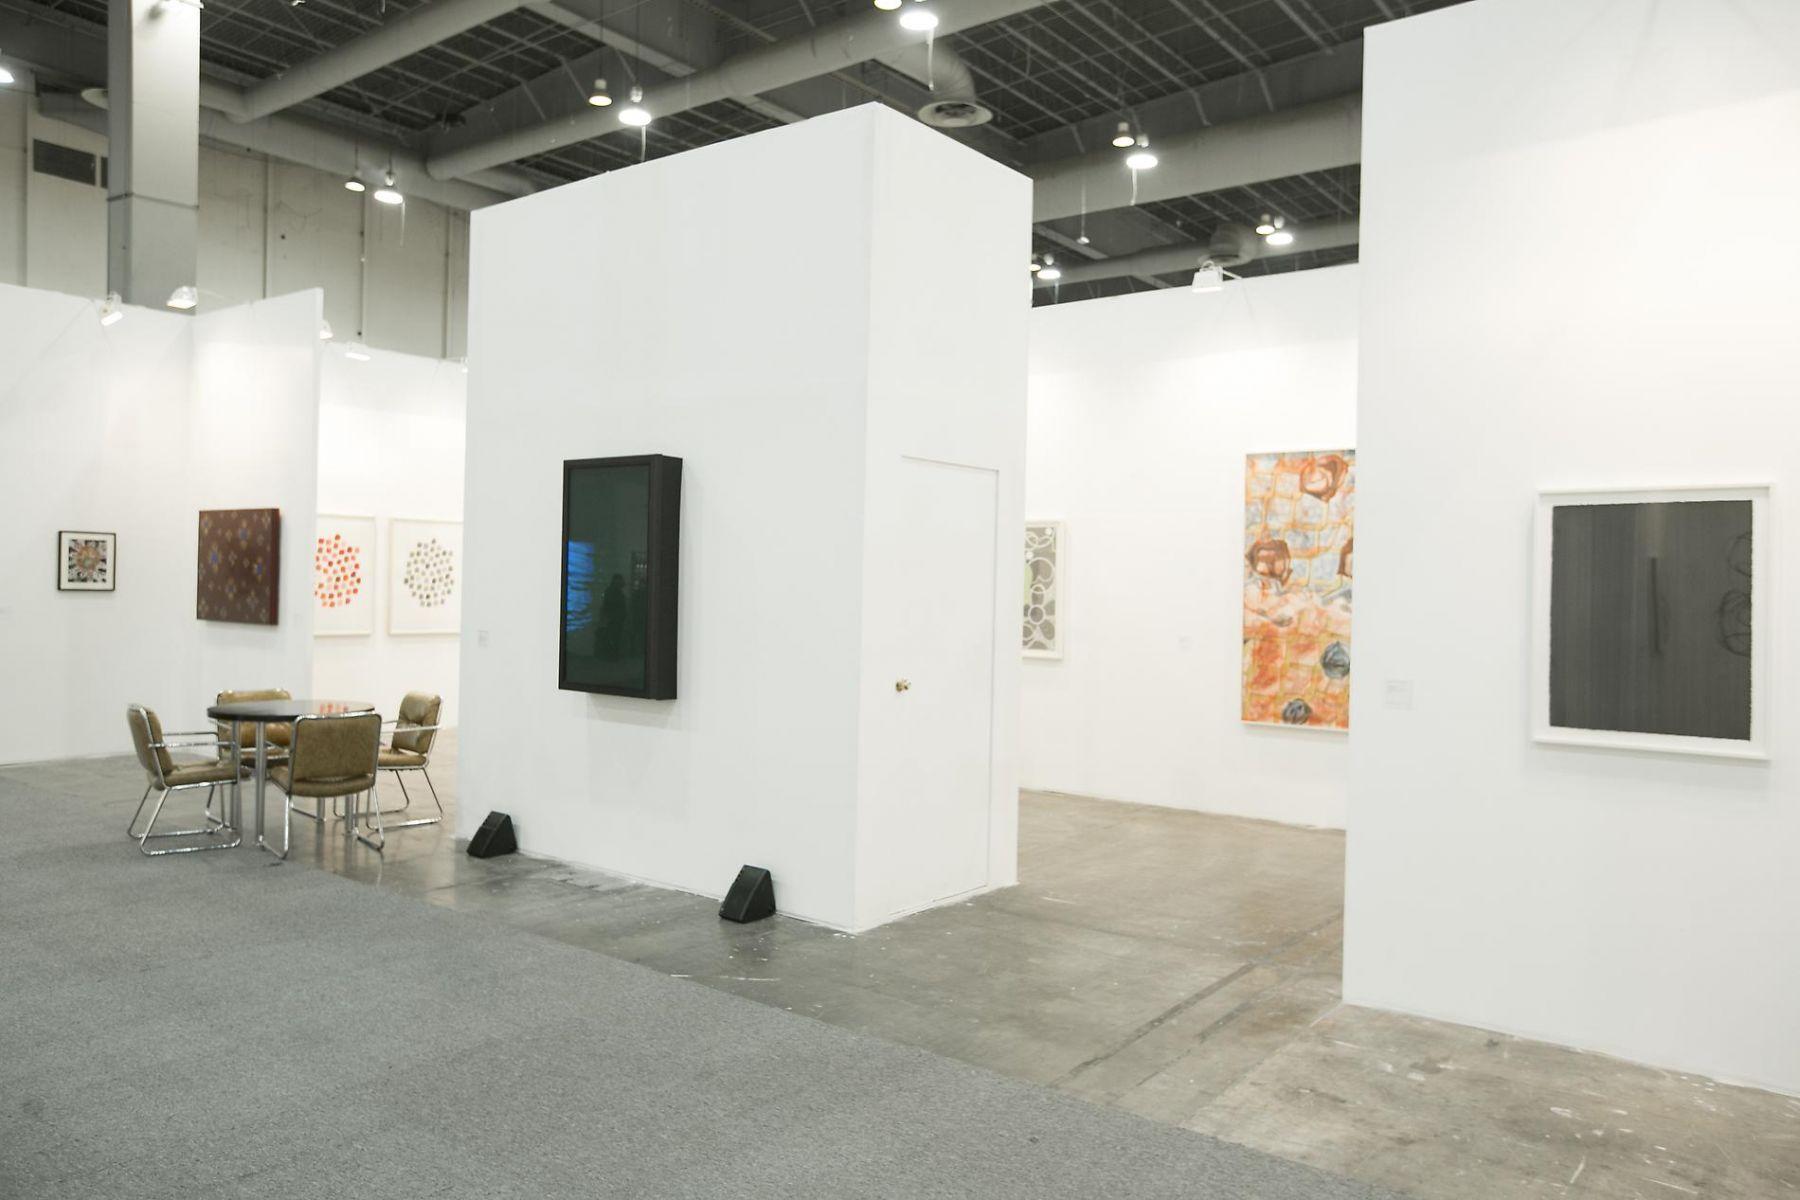 , Zona Maco México Arte ContemporáneoInstallation view, 2014